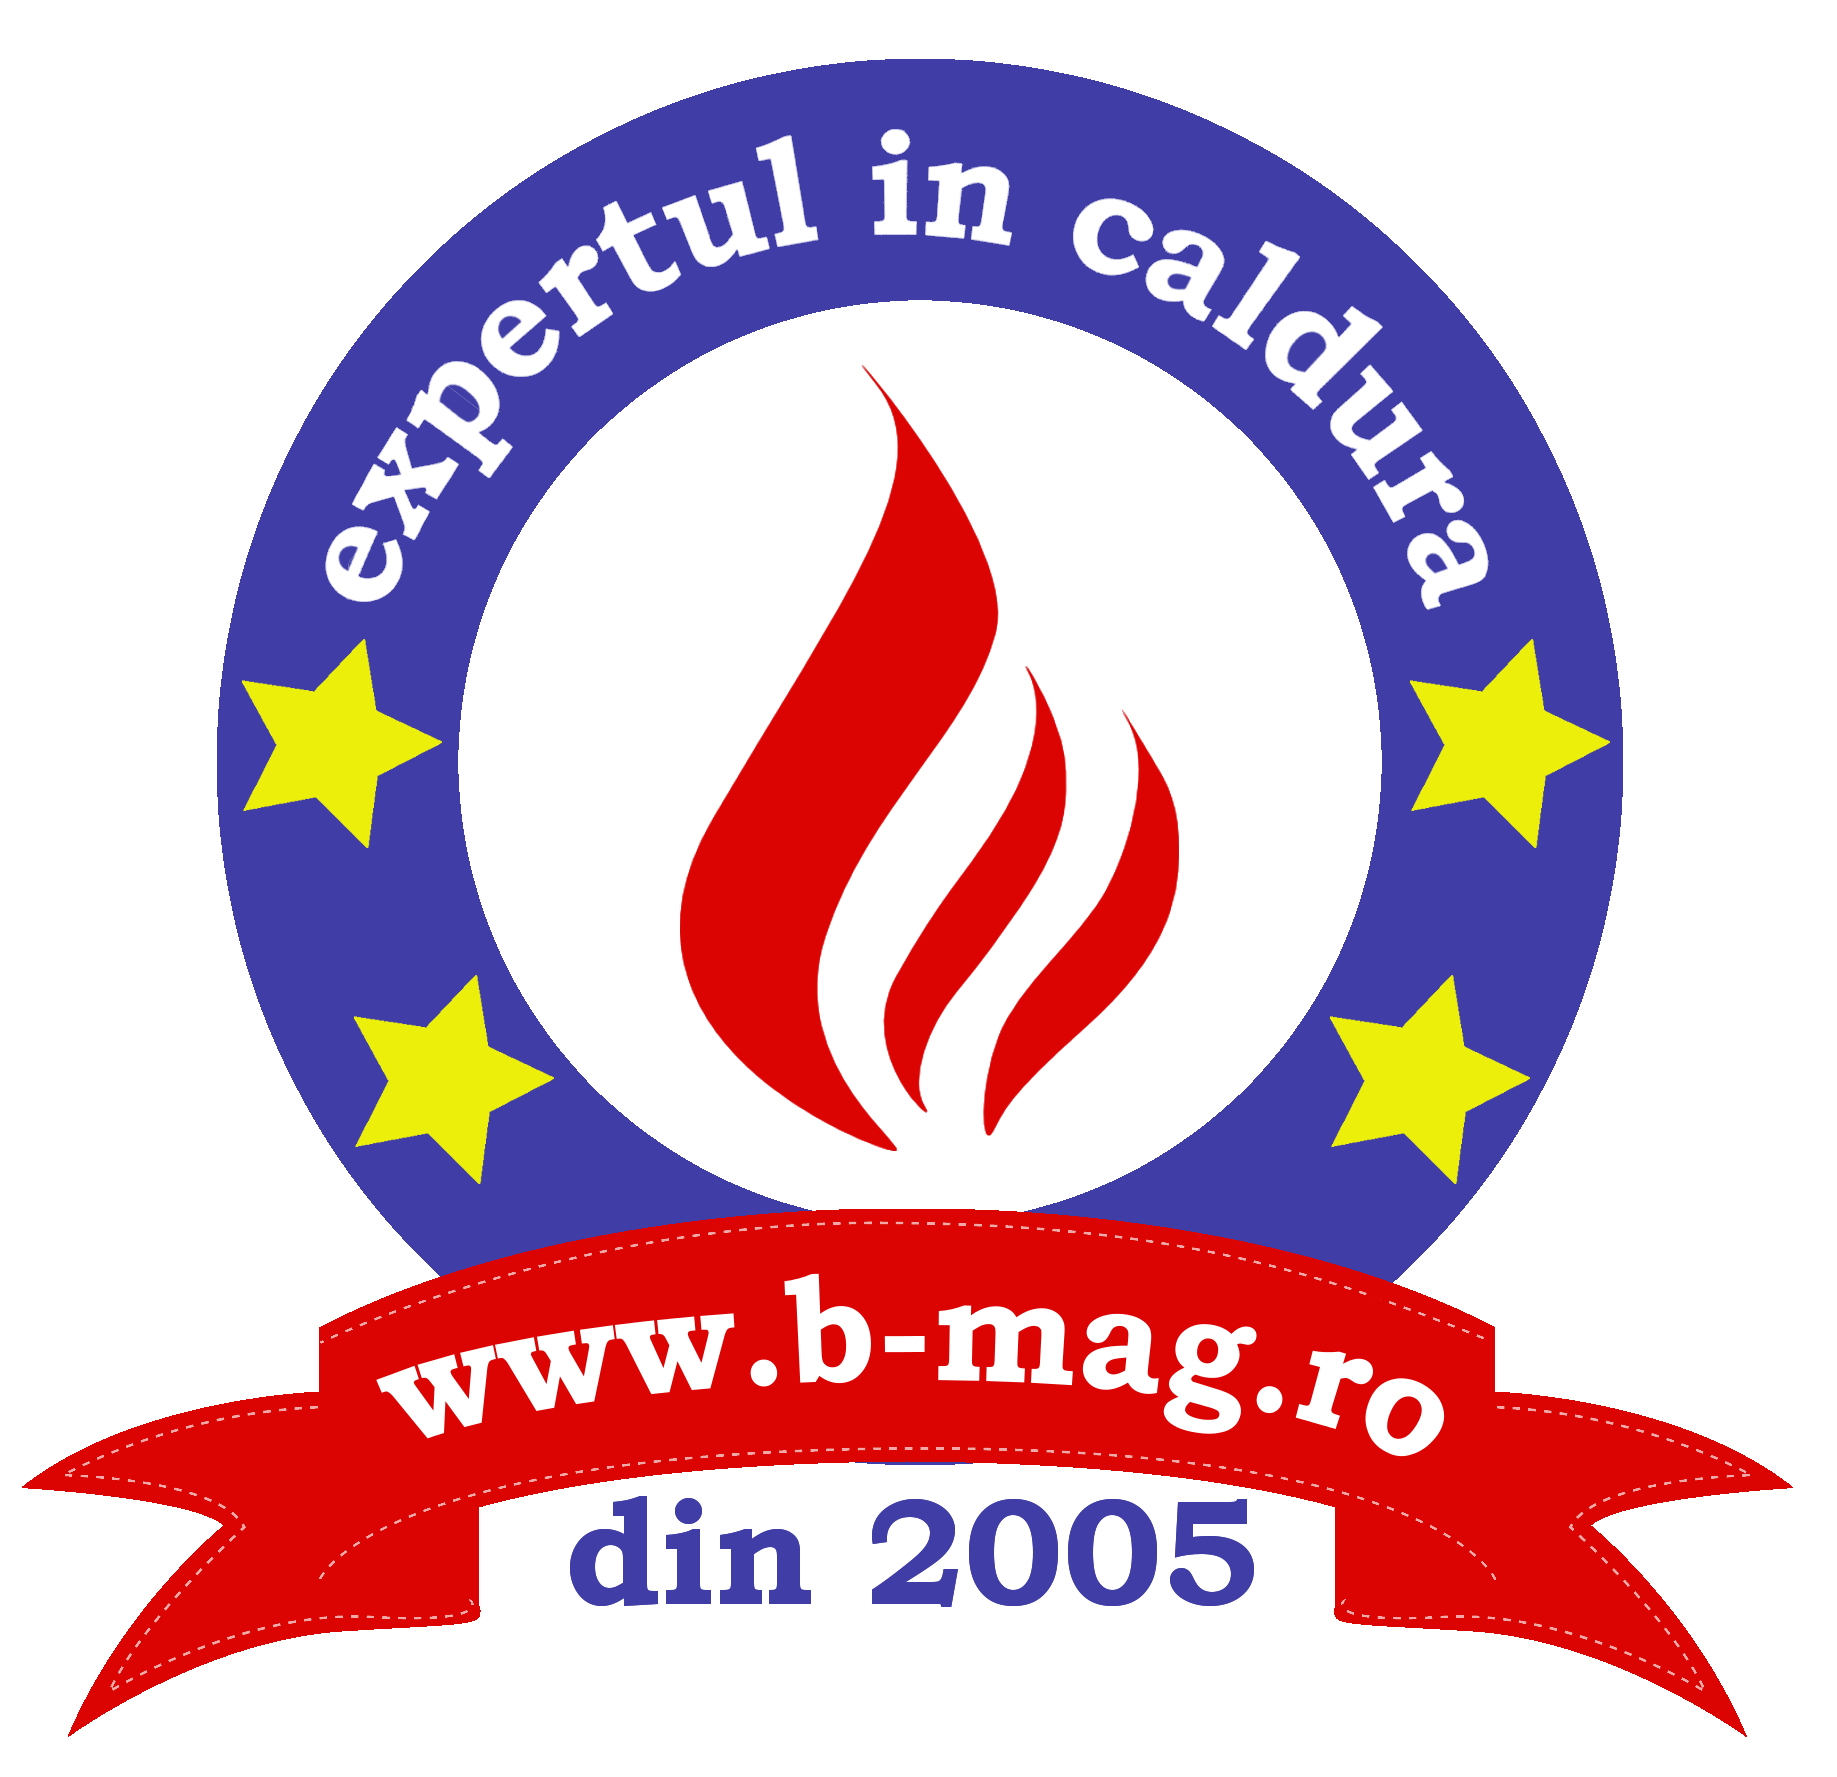 www.b-mag.ro